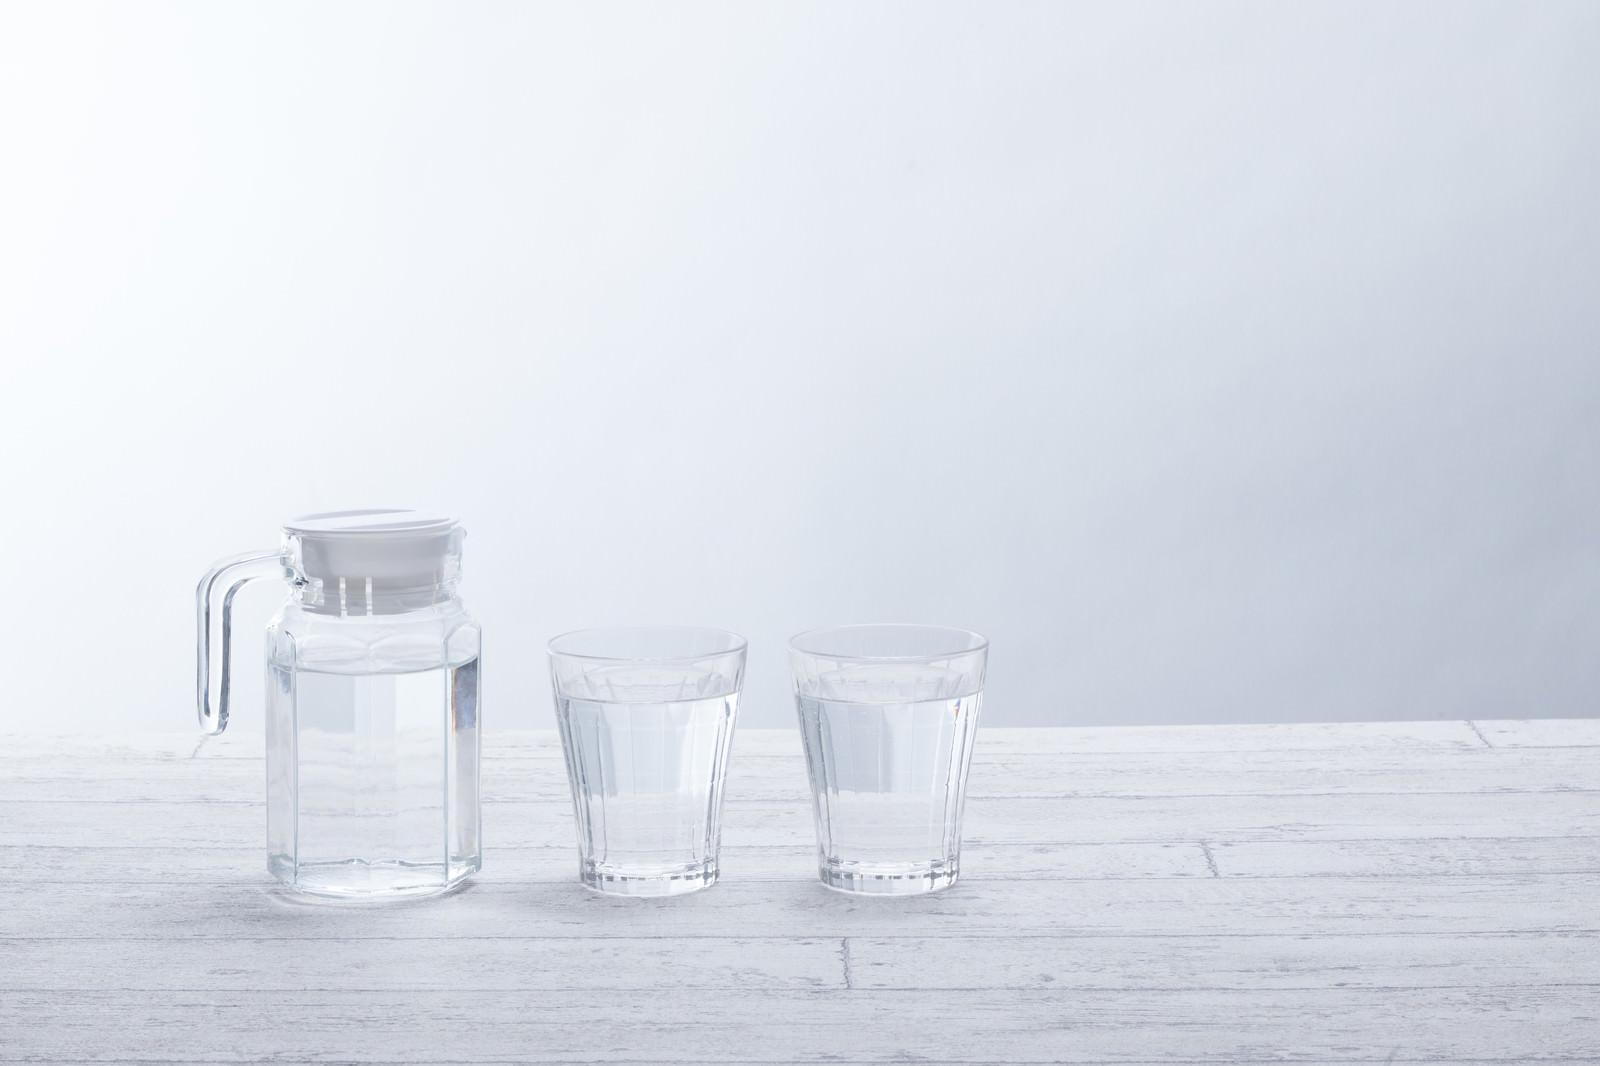 「テーブルに置かれたグラスとミネラルウォーター」の写真